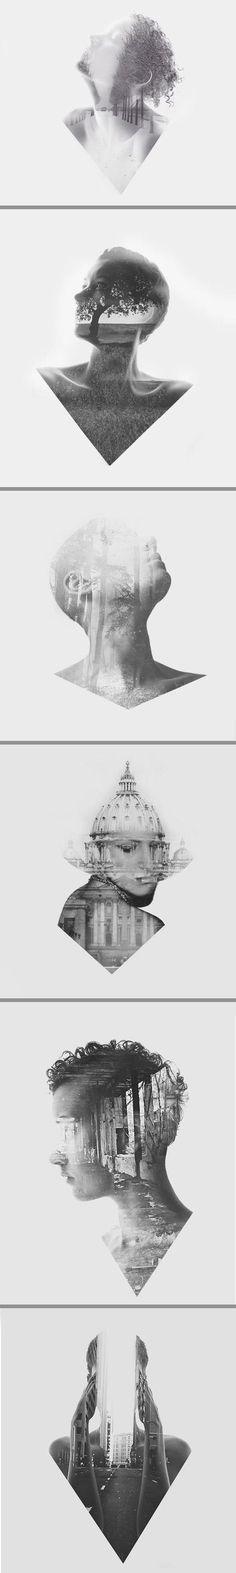 Portfolio Corsi Ilas - Raffaele Micillo, Docente: Elisabetta Buonanno, Categoria: Graphic Design - © ilas 2013